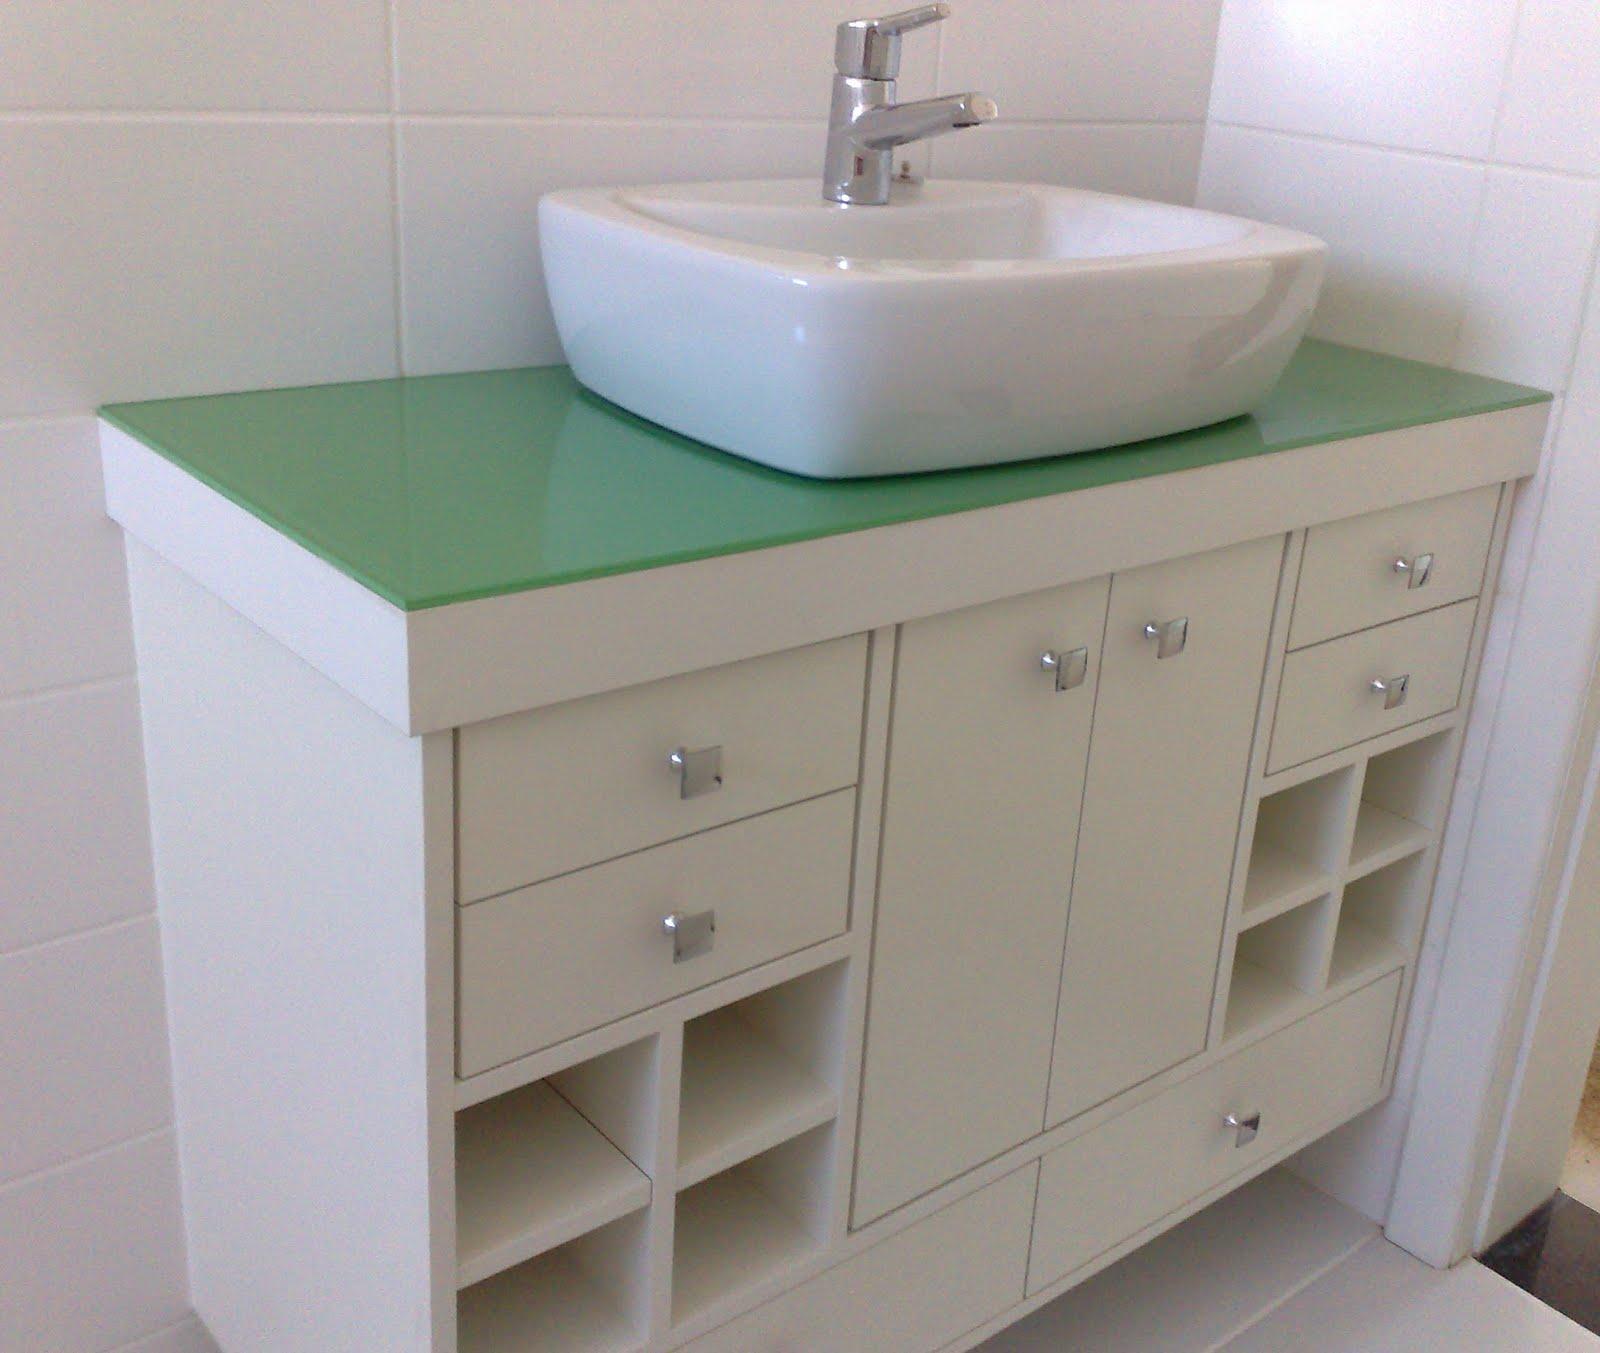 marcenariaadmoveis: Balcao de banheiro #496682 1600x1353 Balcão Para Banheiro Bosi